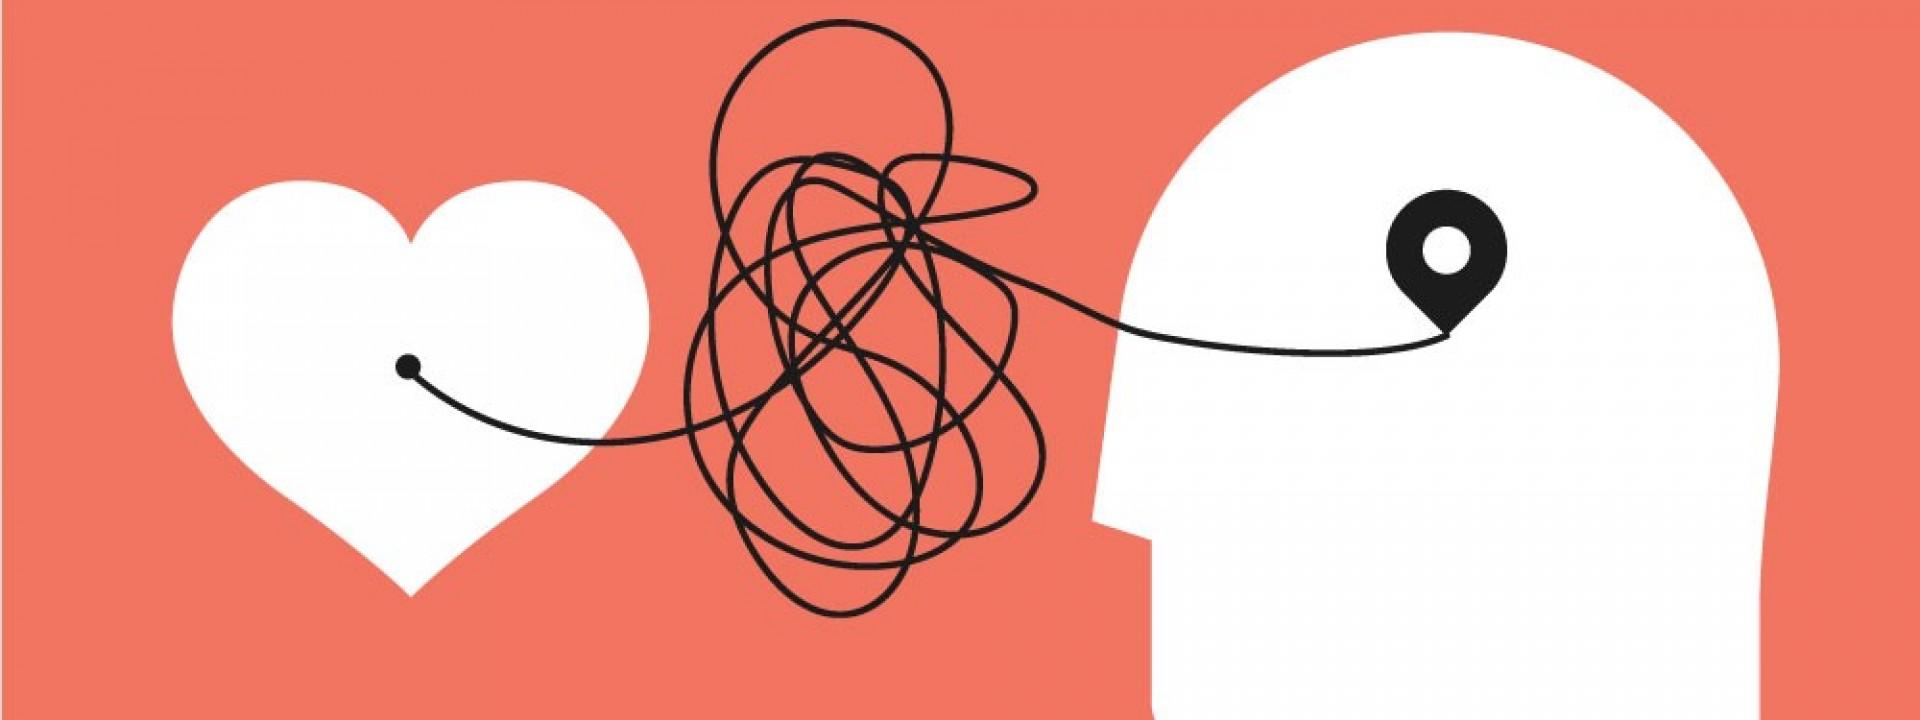 EMPATIA - Qual a prioridade quando a vida é o centro de tudo?